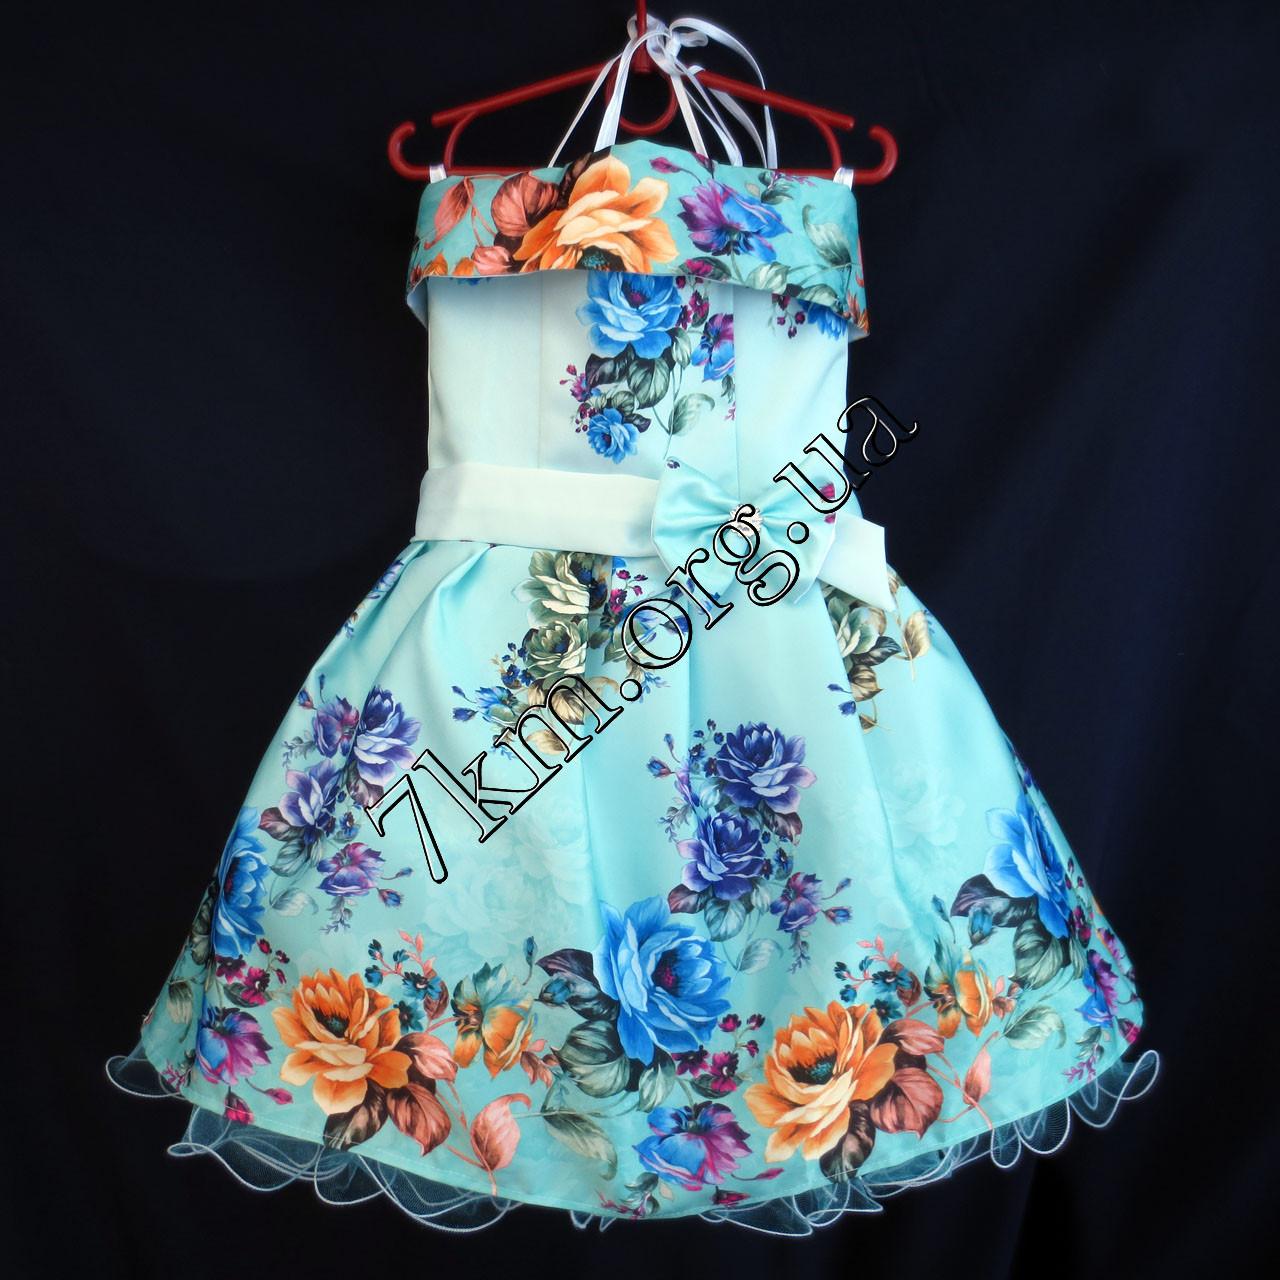 Платье нарядное бальное детское Пионы (3D- рисунок) 6 лет светло голубое Украина оптом.